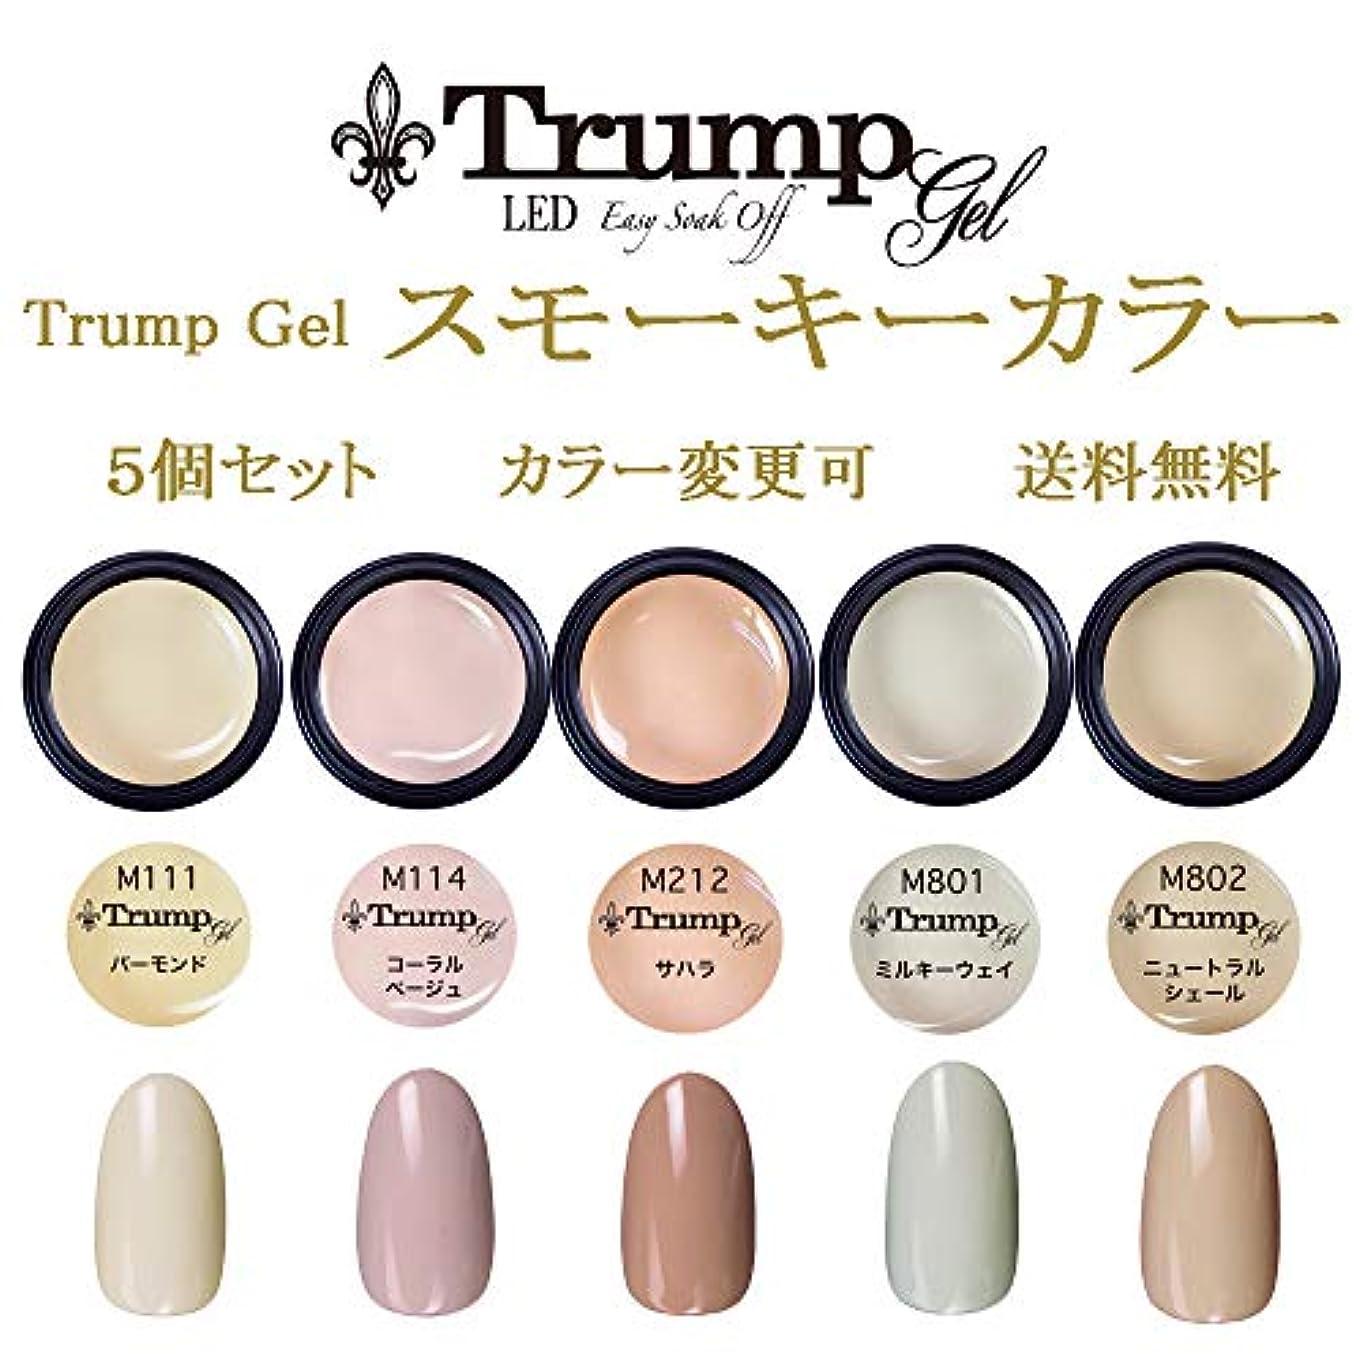 非常に委任するスキニー日本製 Trump gel トランプジェル スモーキーカラー 選べる カラージェル 5個セット スモーク ベージュ グレー ブラウン ピンク